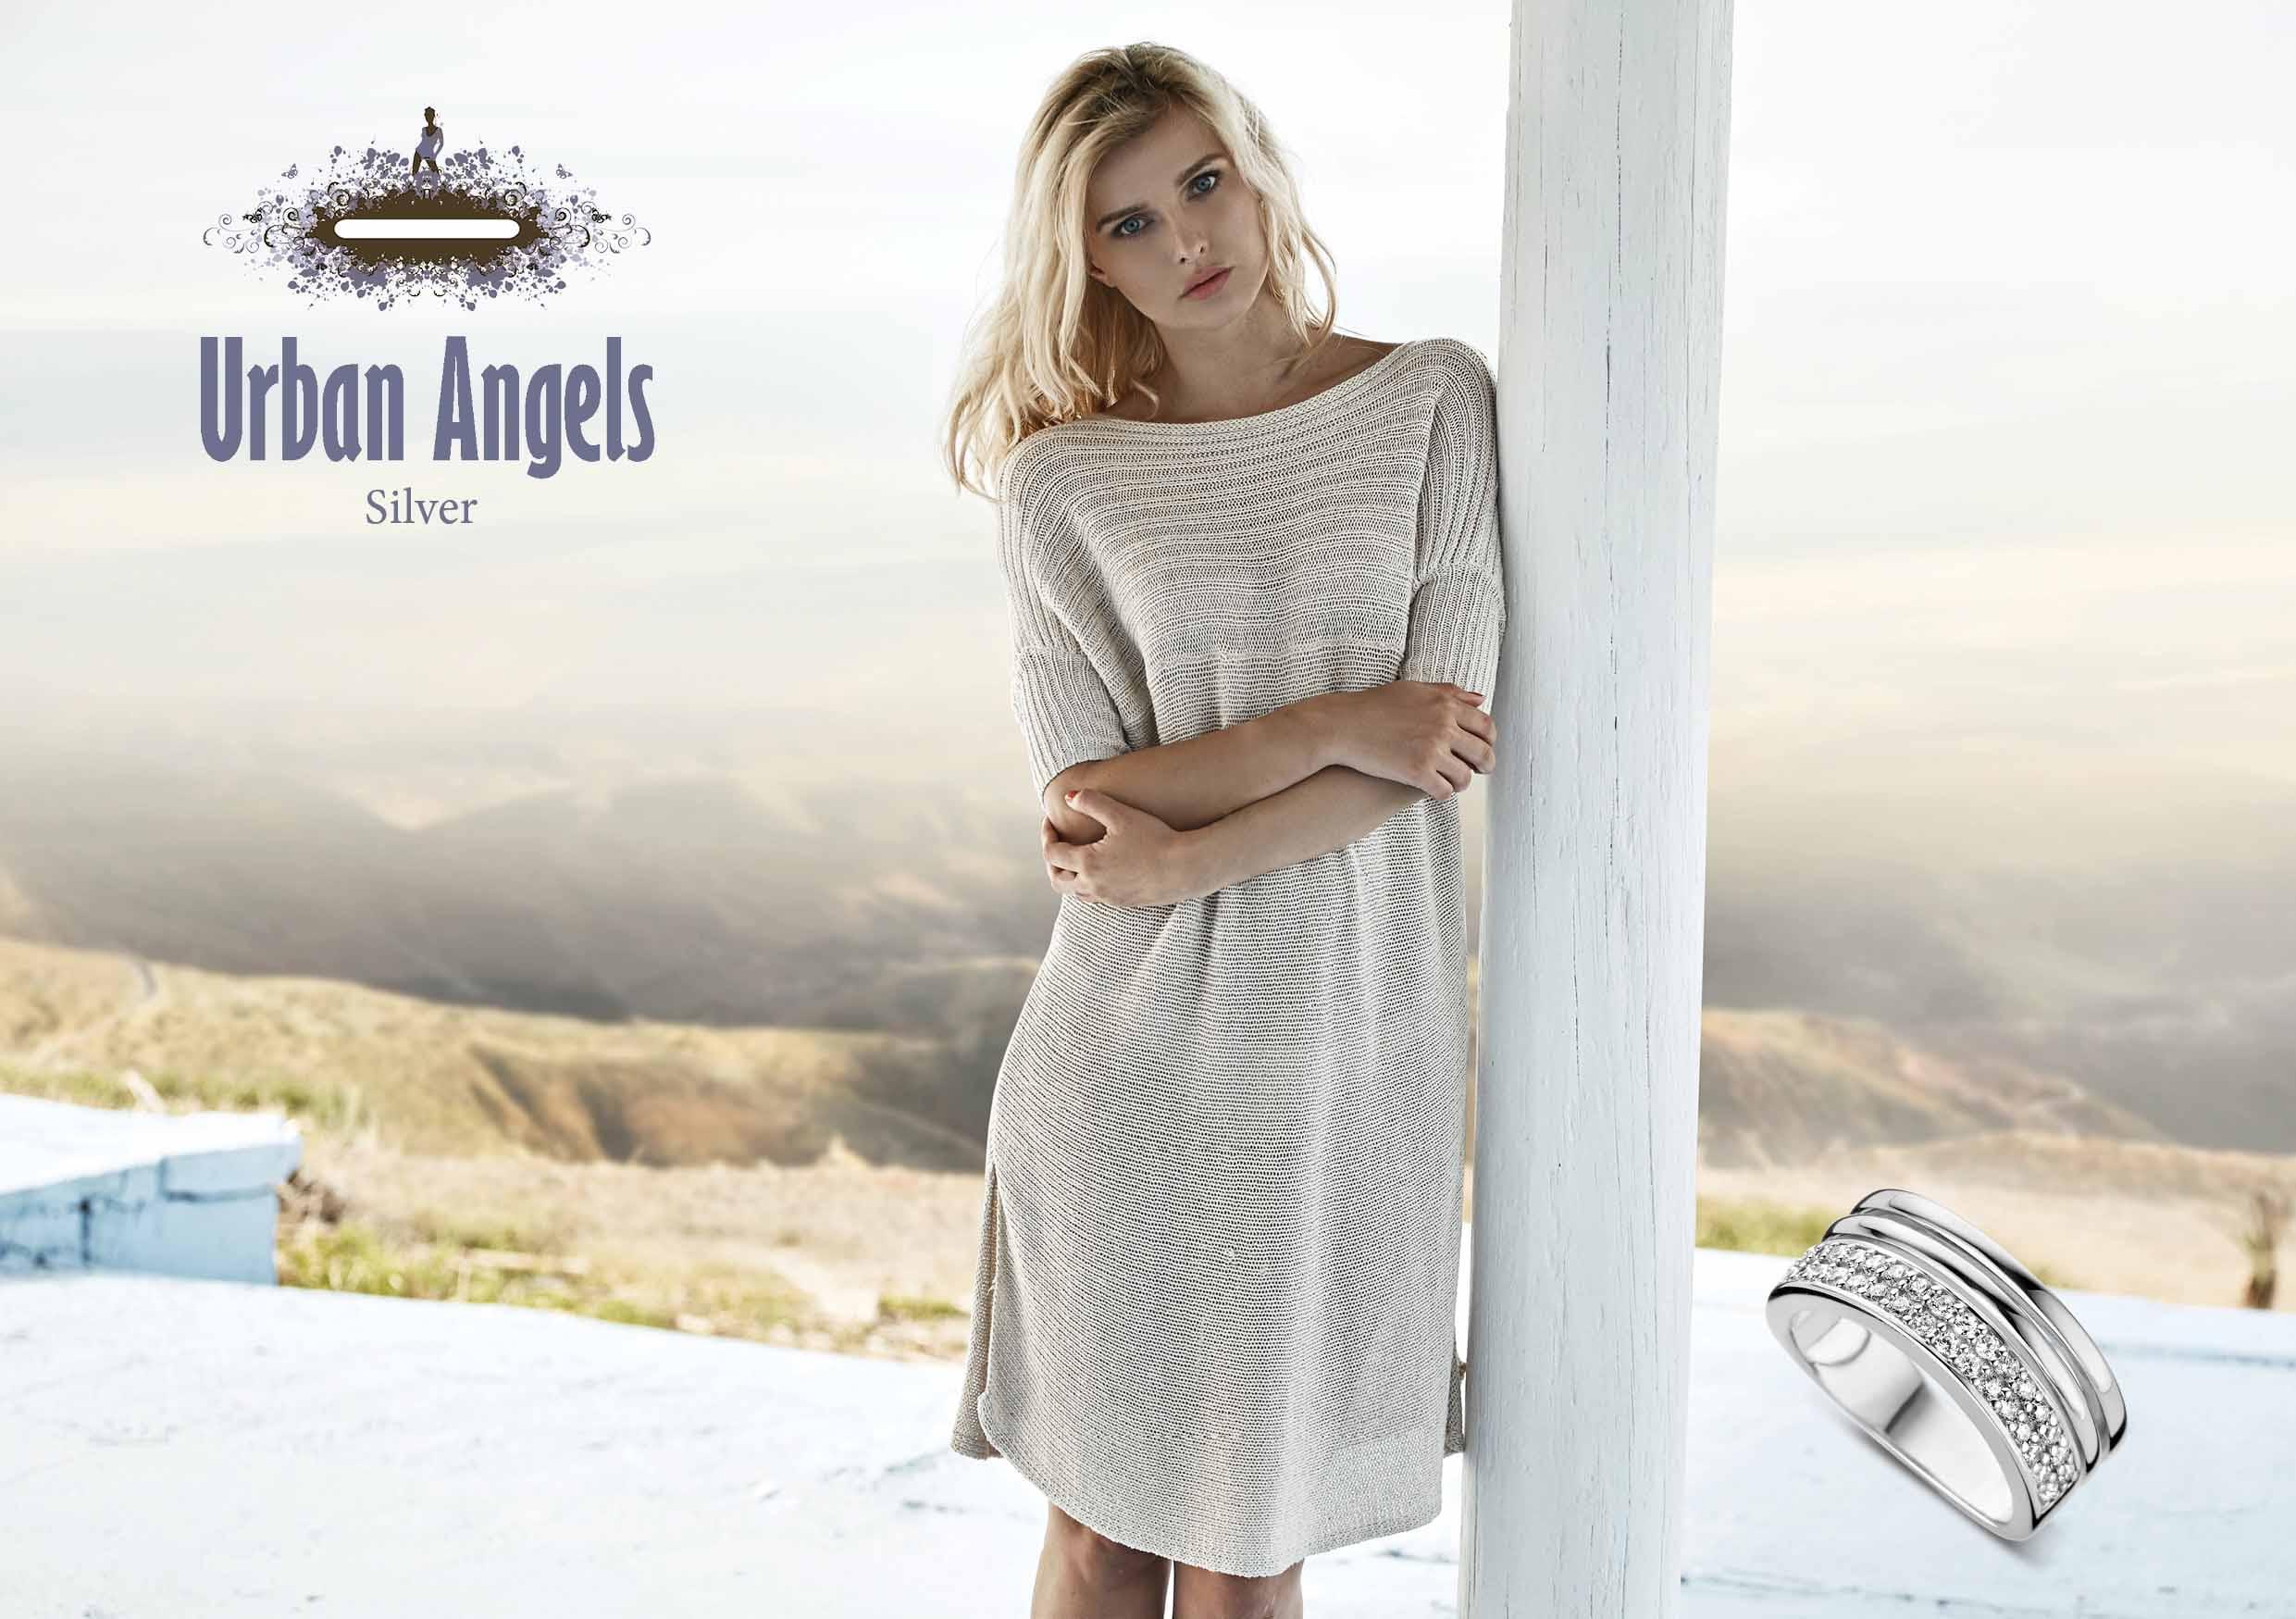 001-Urban Angels Silver 2017